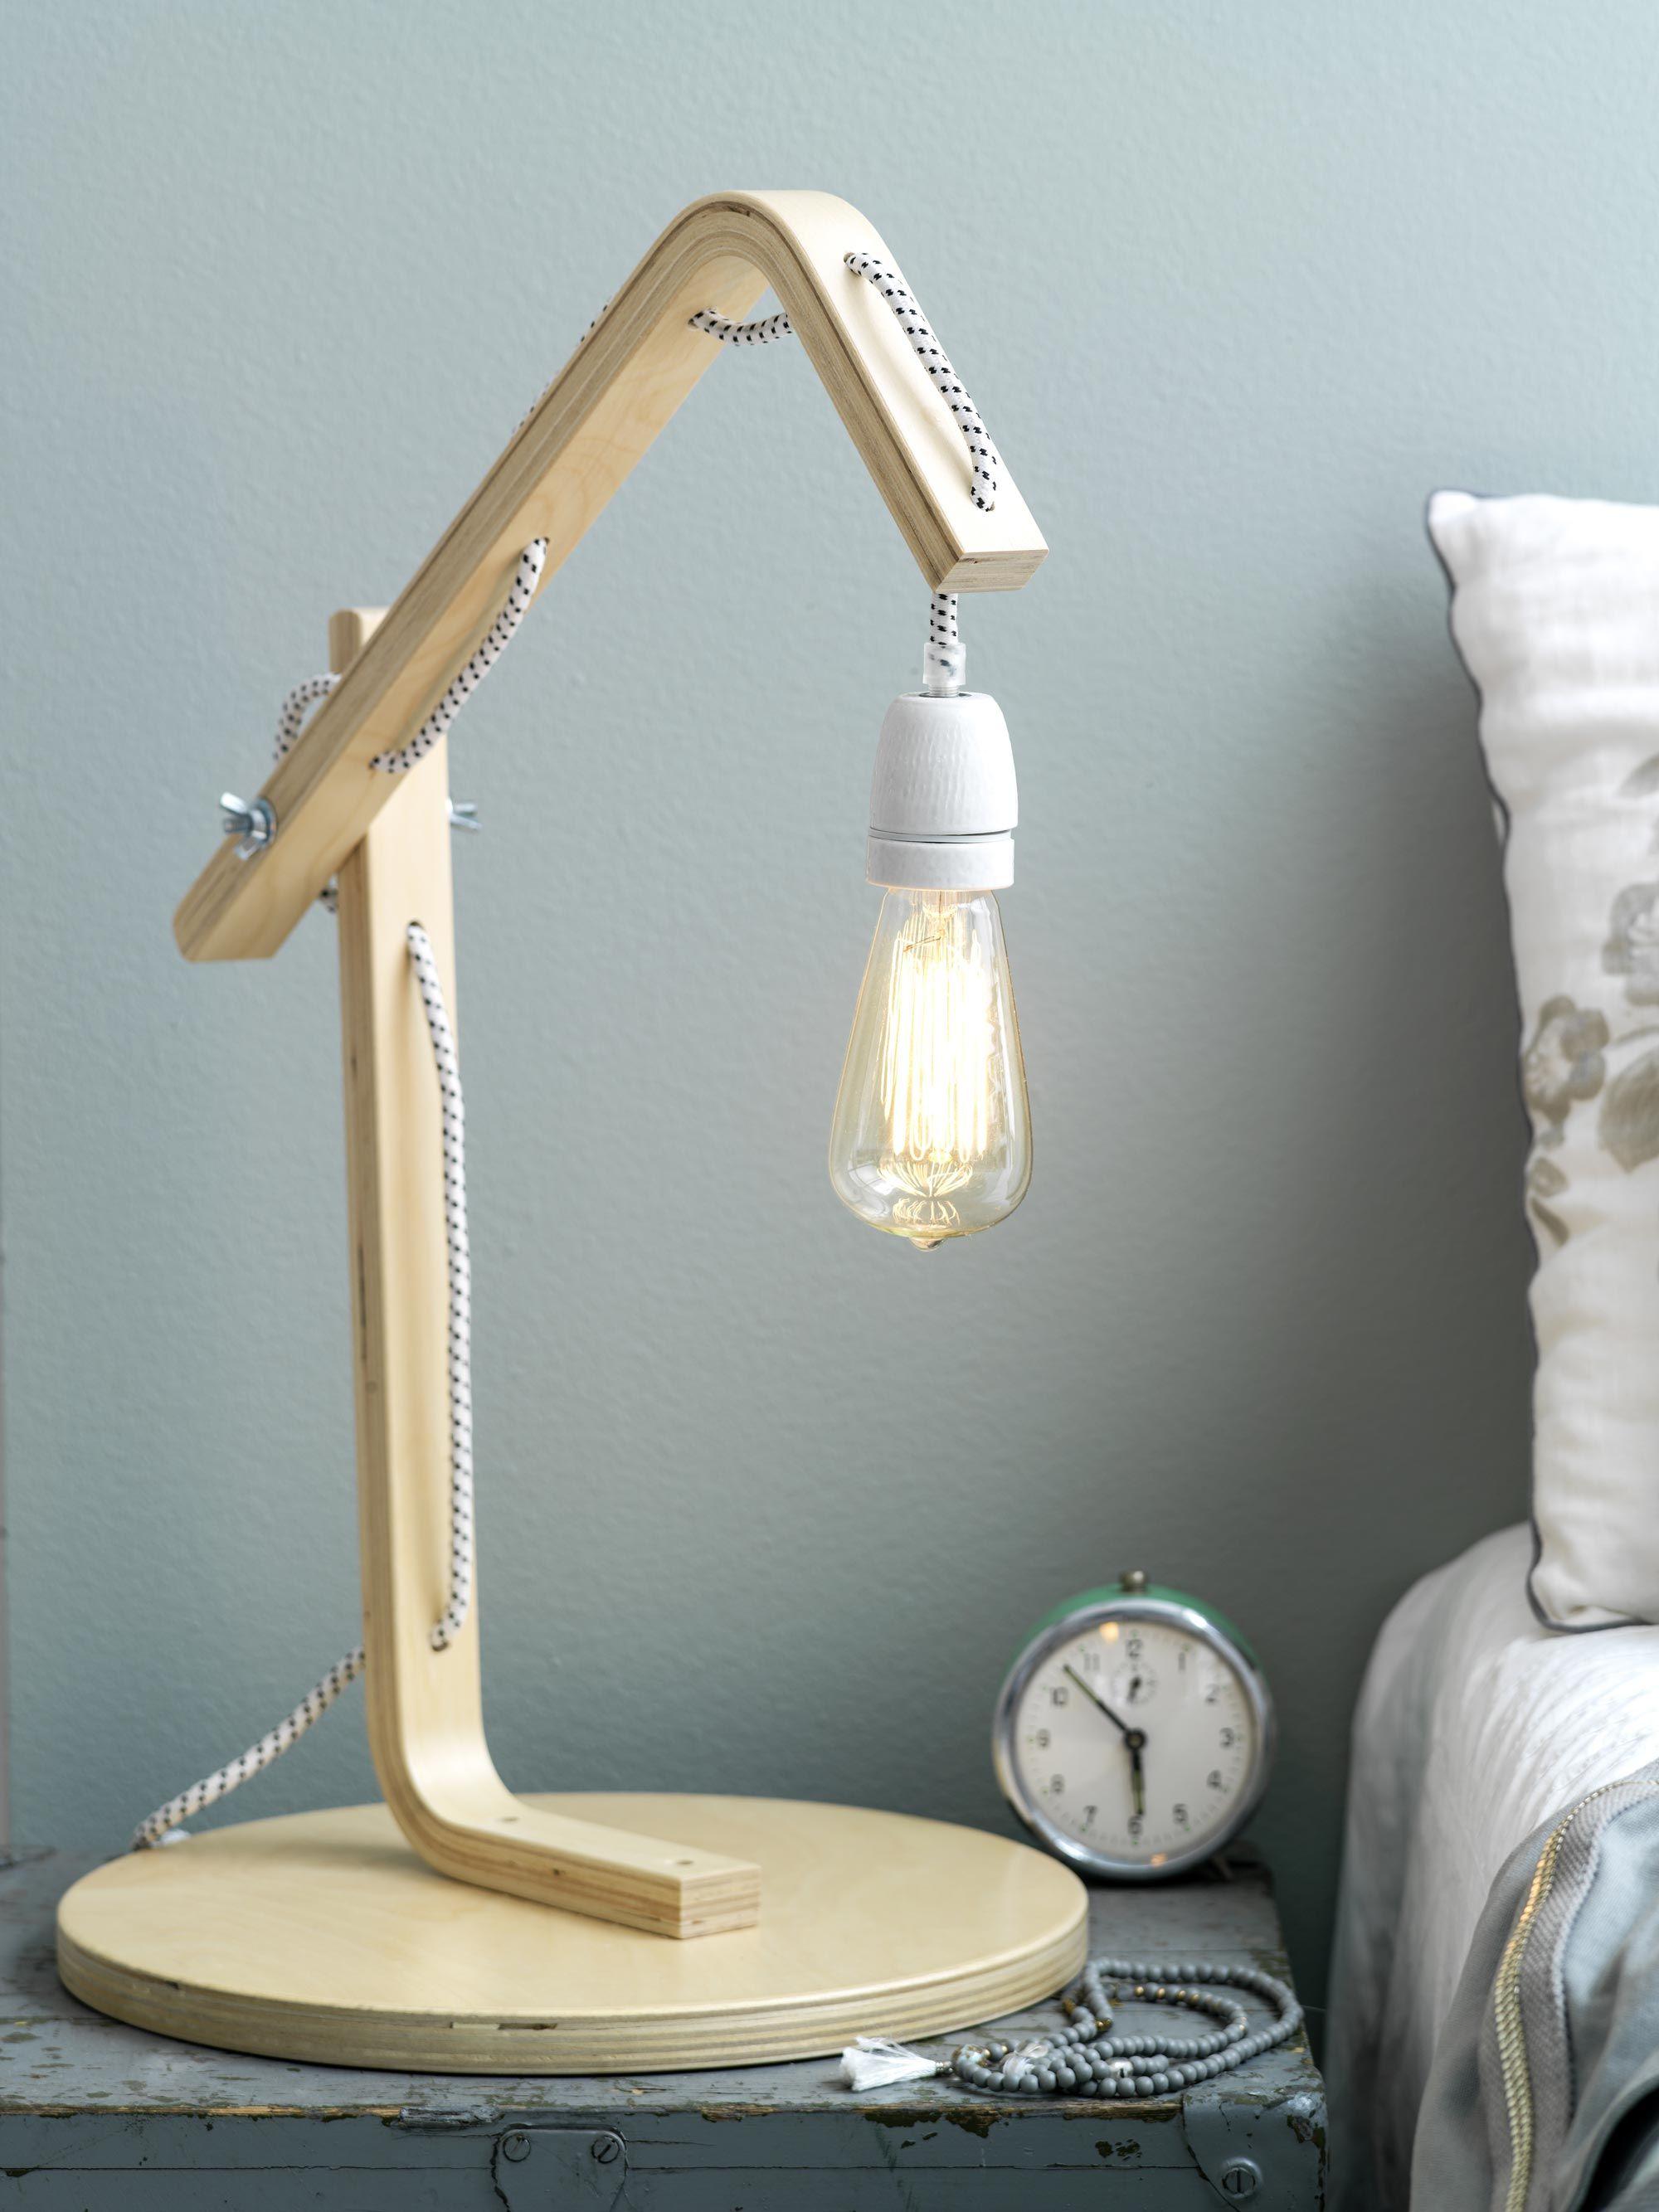 Ikea frosta diy d ideas pinterest ikea for Portalampada ikea